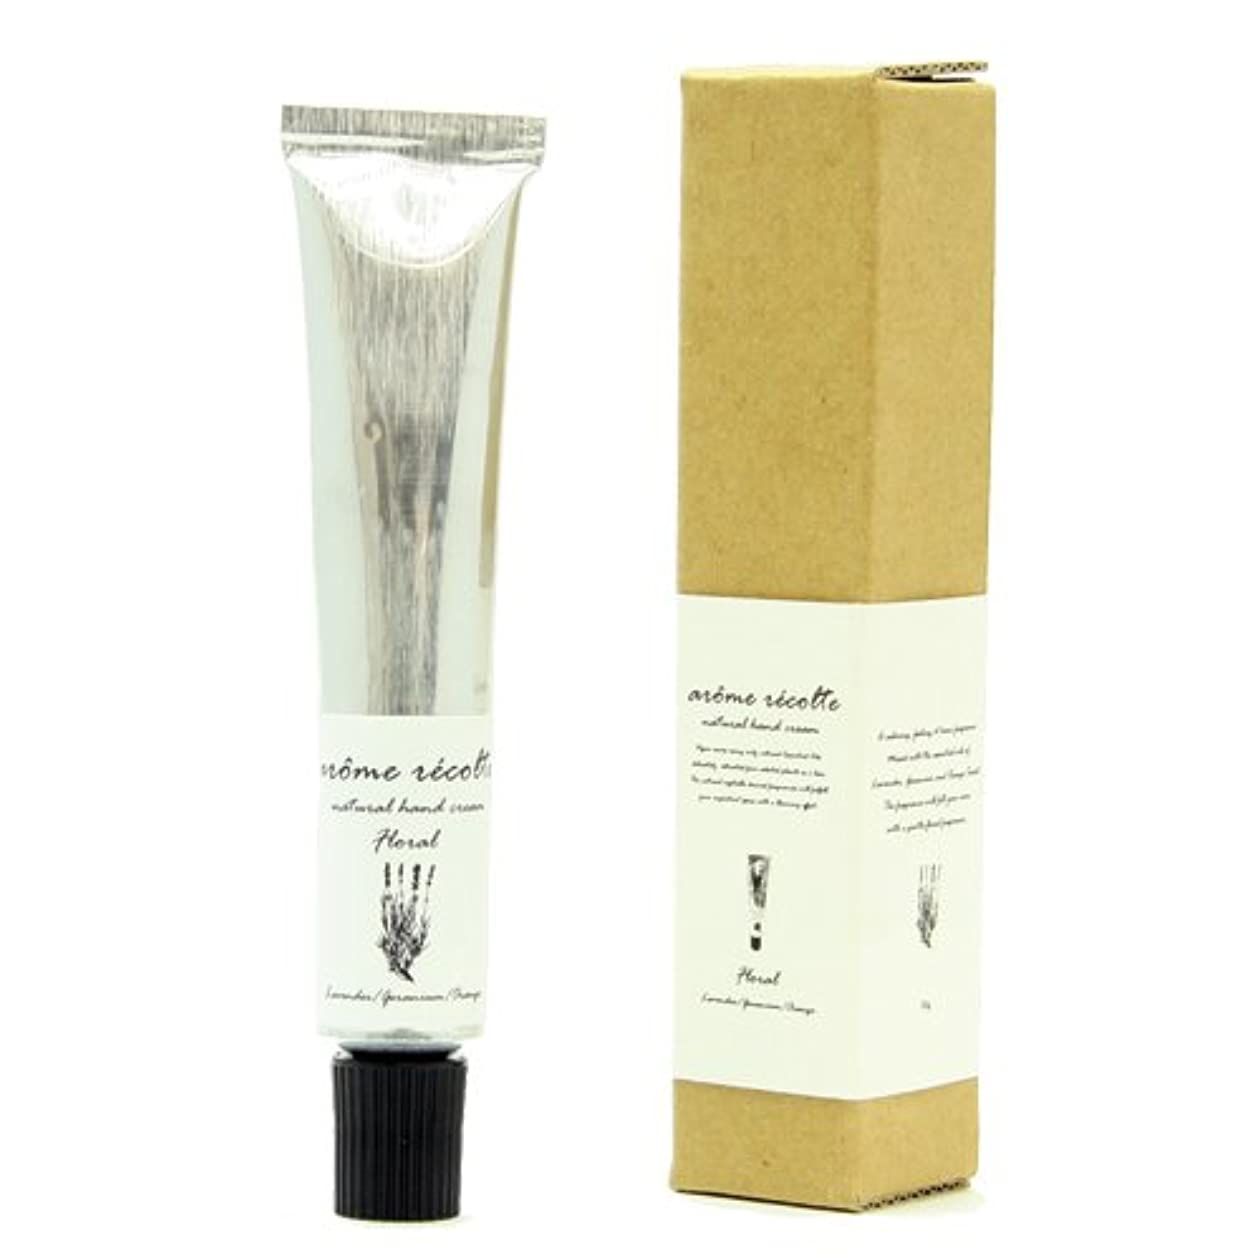 足モネ予定アロマレコルト ナチュラル ハンドクリーム 30g フローラル Floral arome recolte hand cream